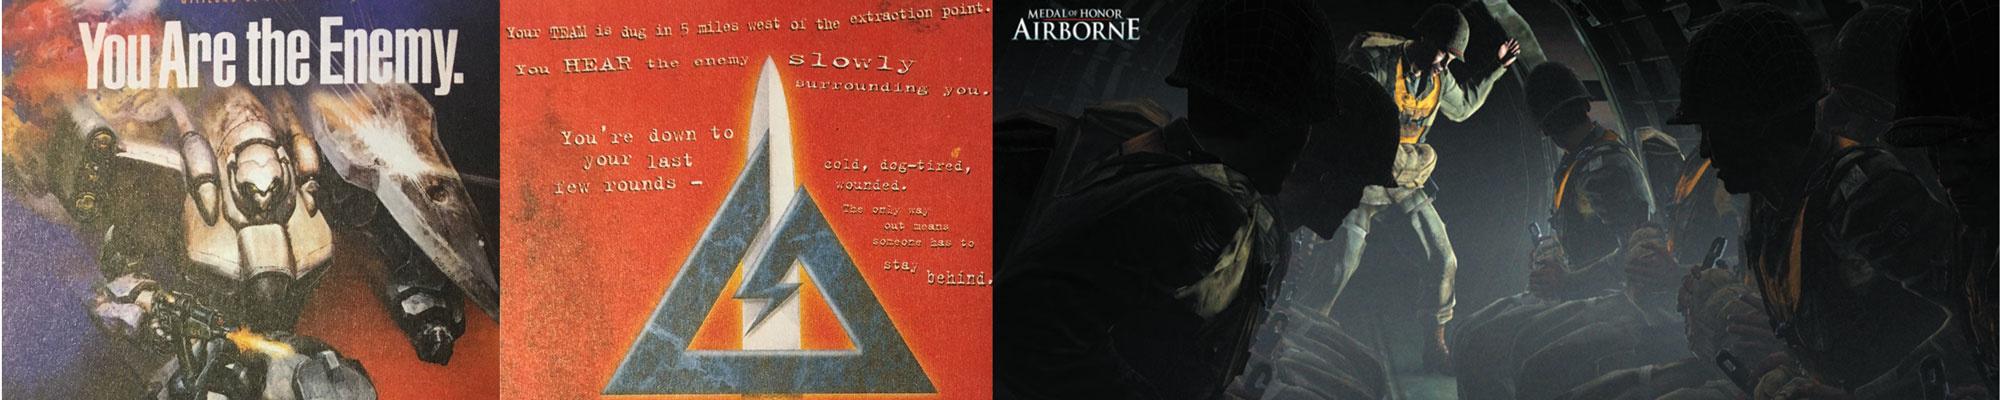 【游戏见图】Vol.1 还记得当年的三角洲部队吗?